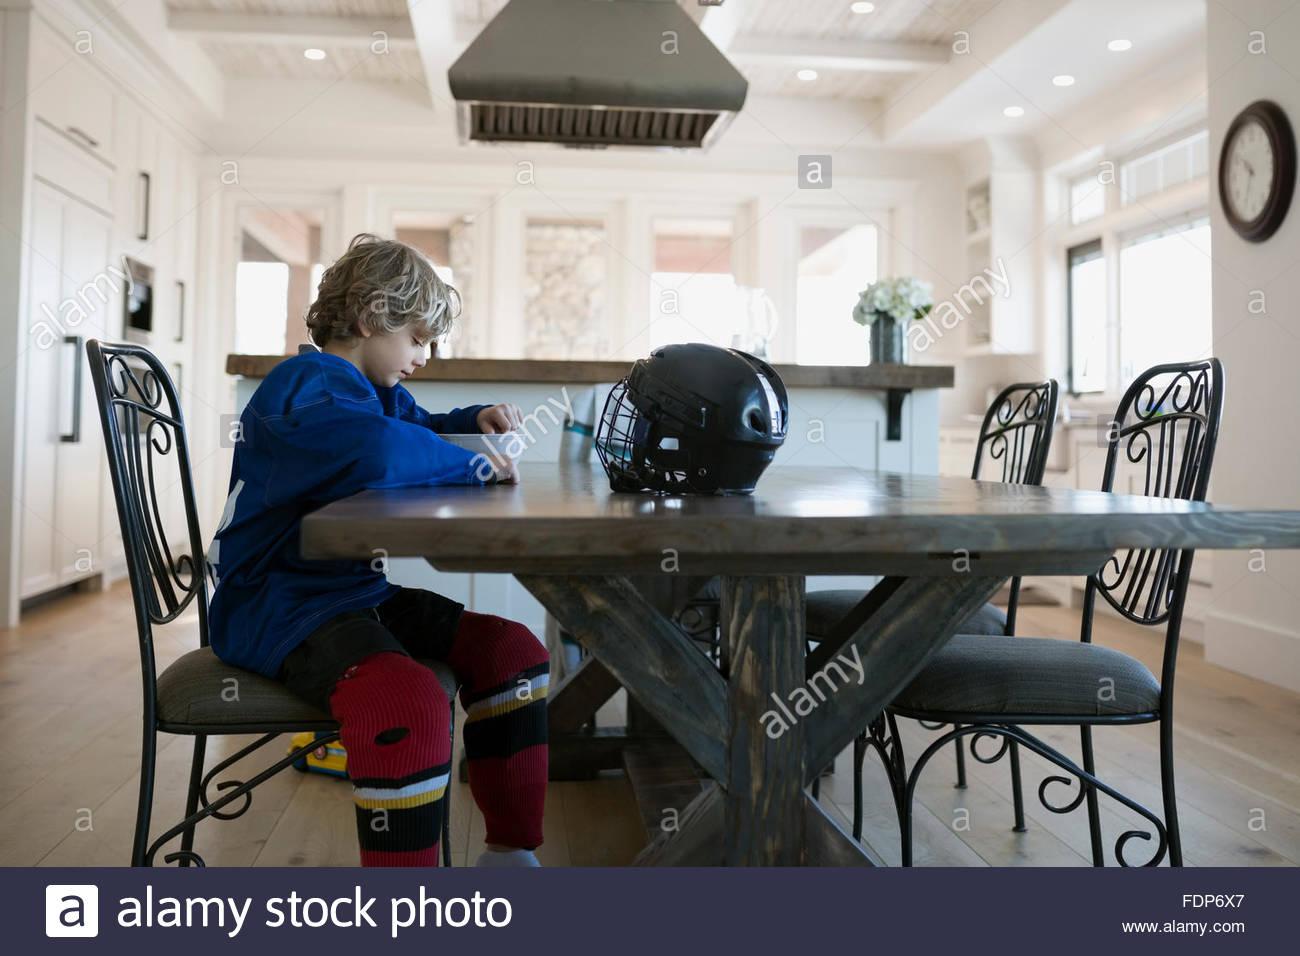 Garçon en uniforme de hockey sur glace table manger des céréales Photo Stock